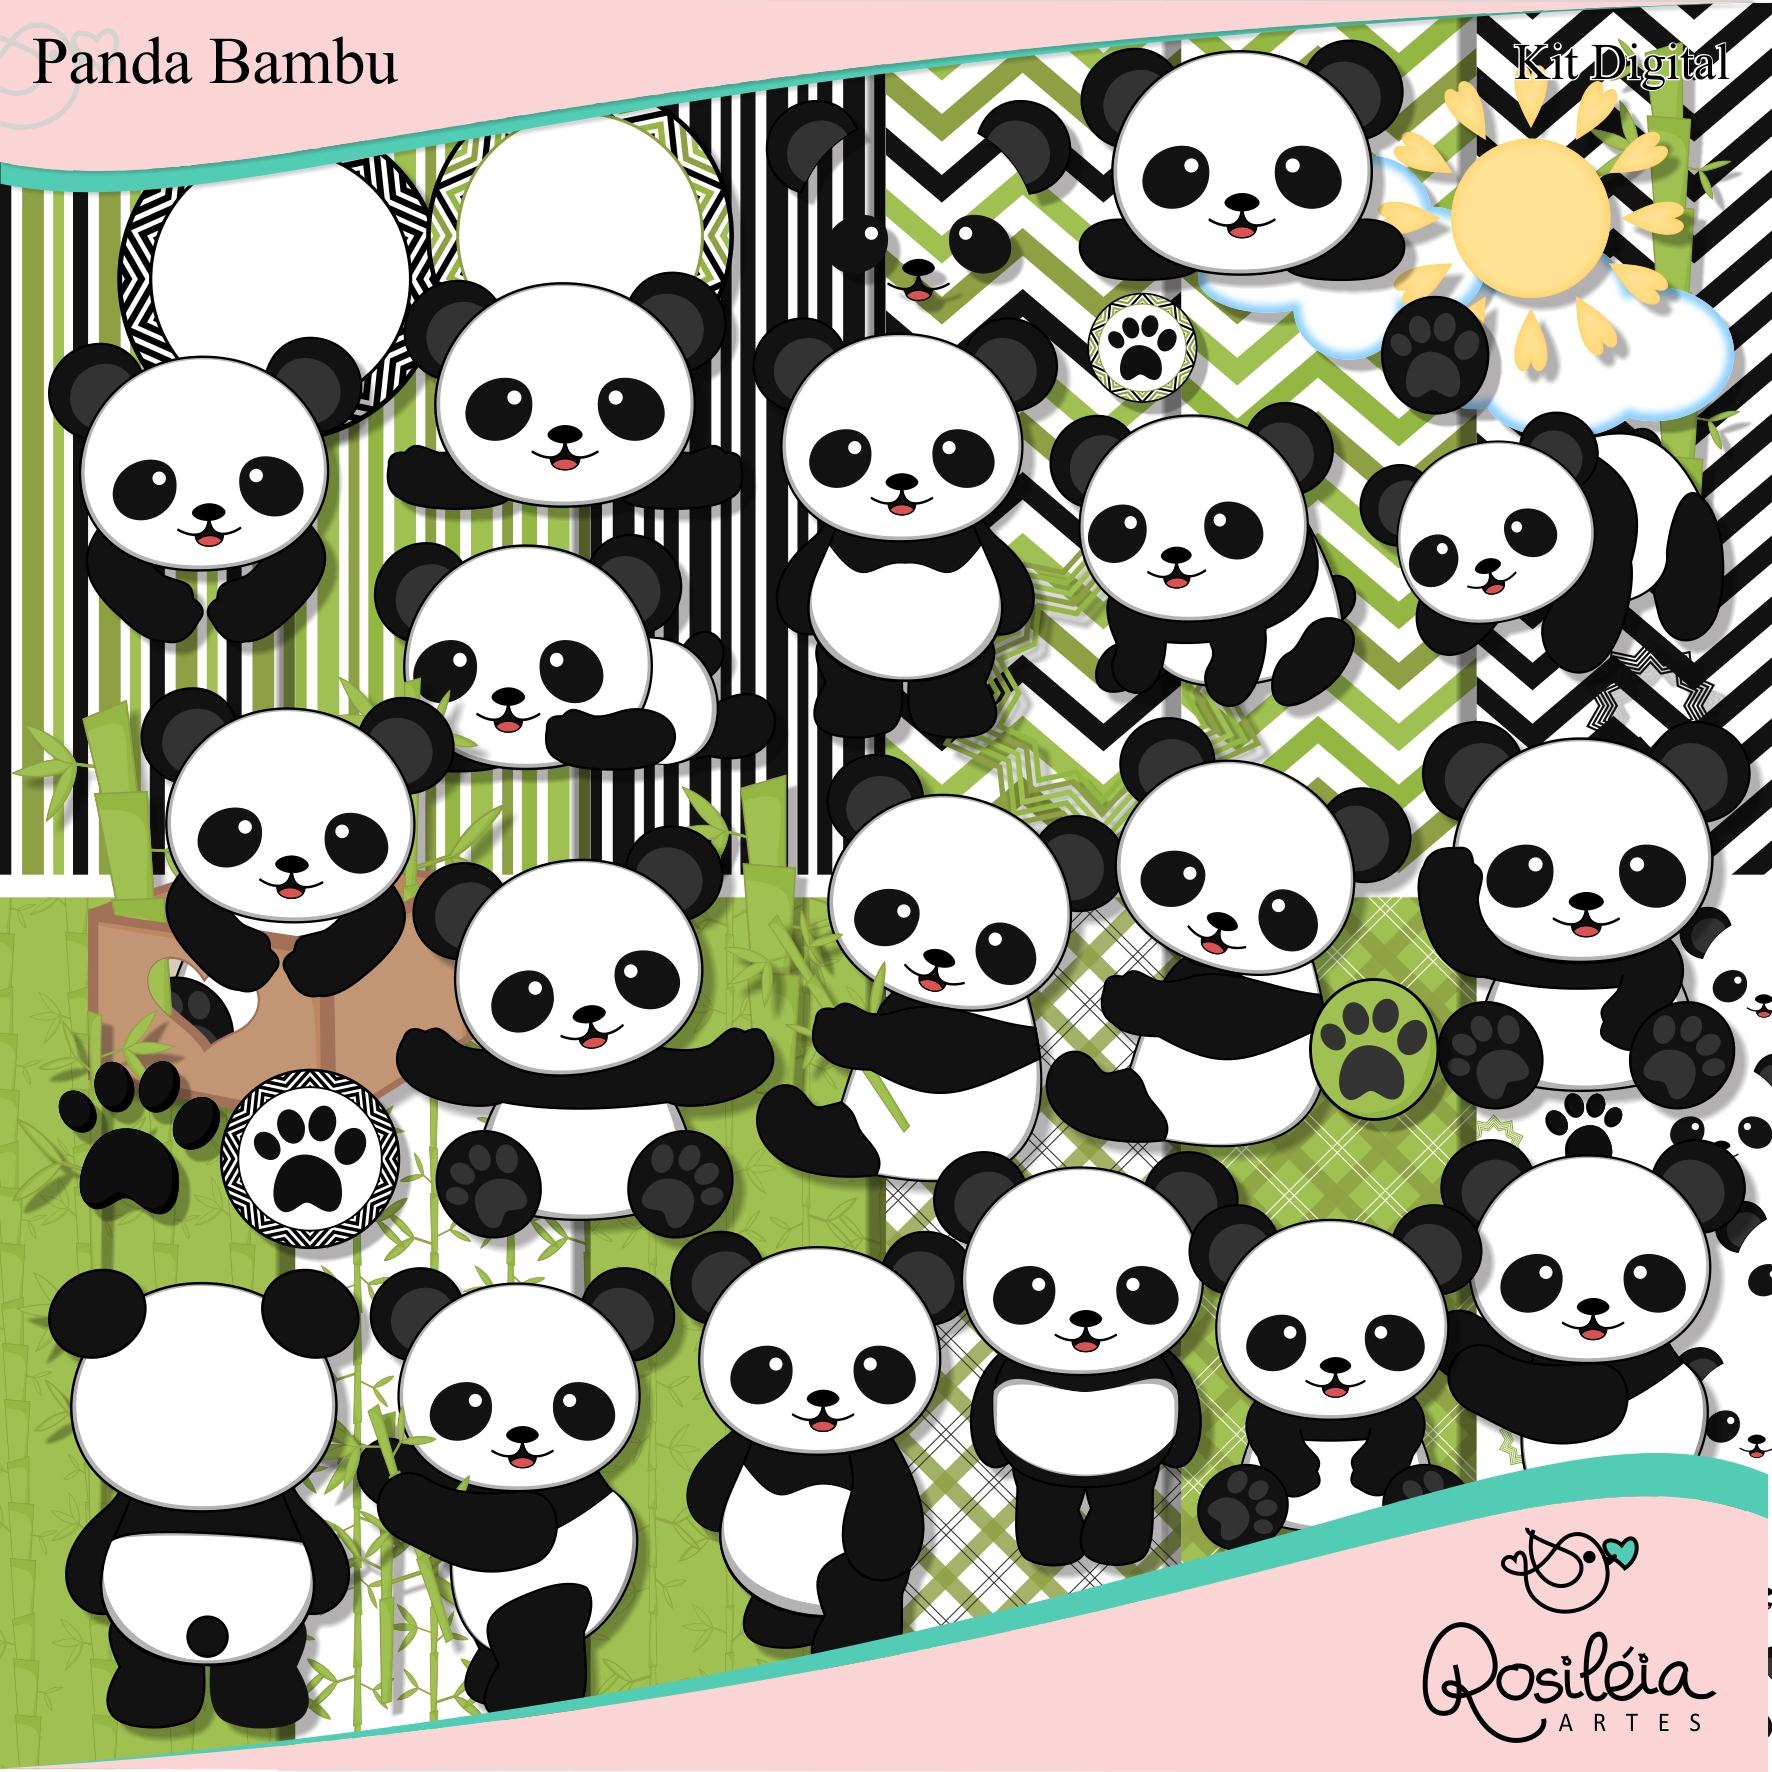 Panda bambu_preview